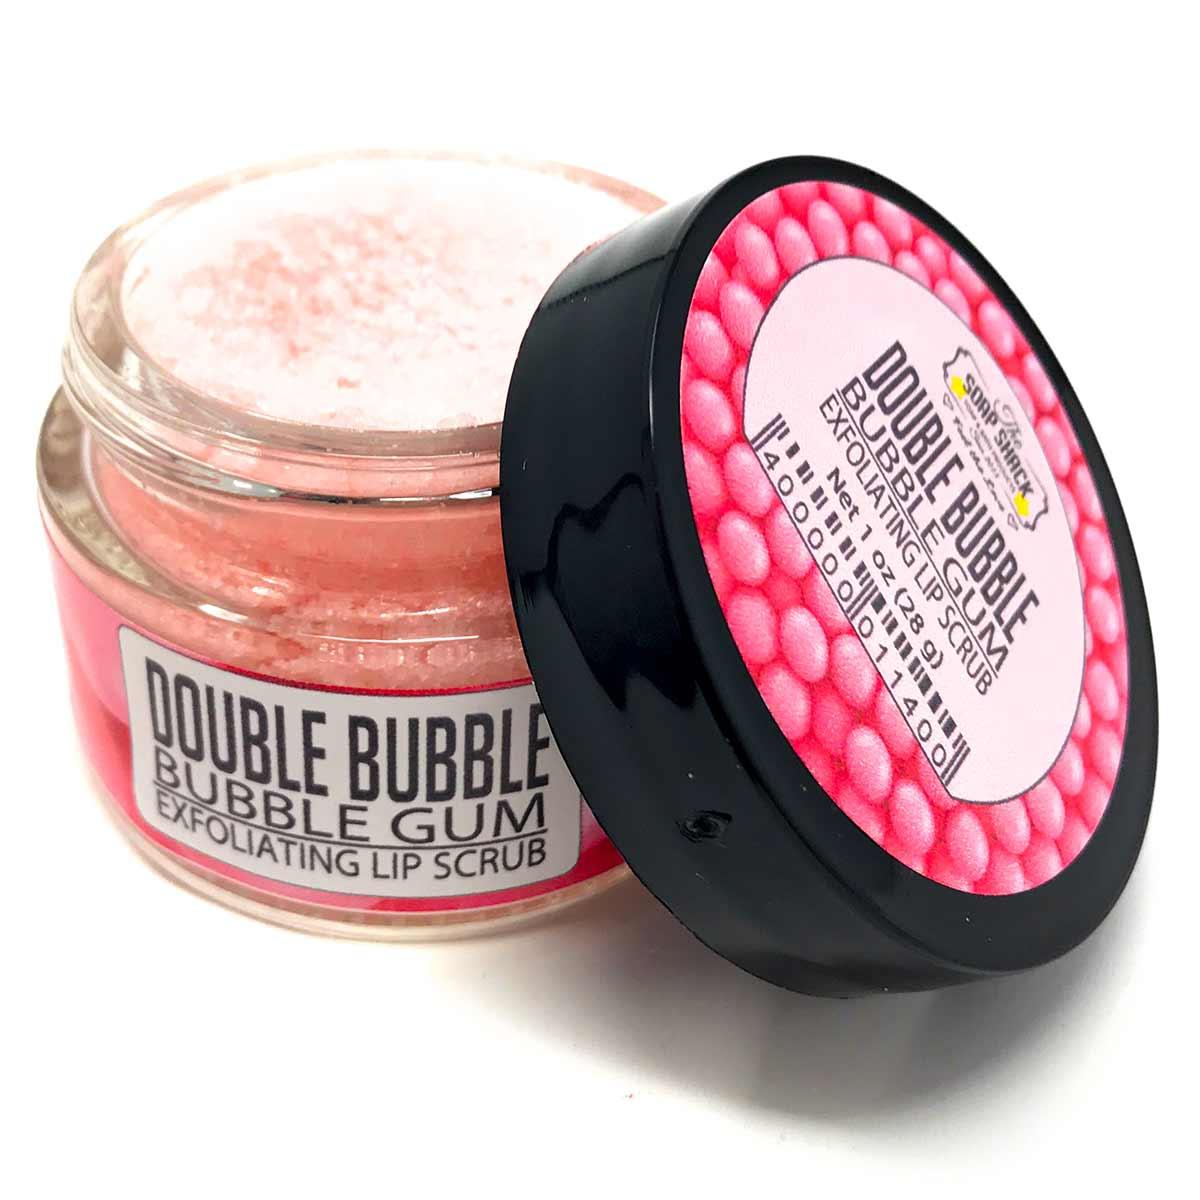 Sugar Lip Scrub - Bubble Gum flavored in small 1 oz glass jar